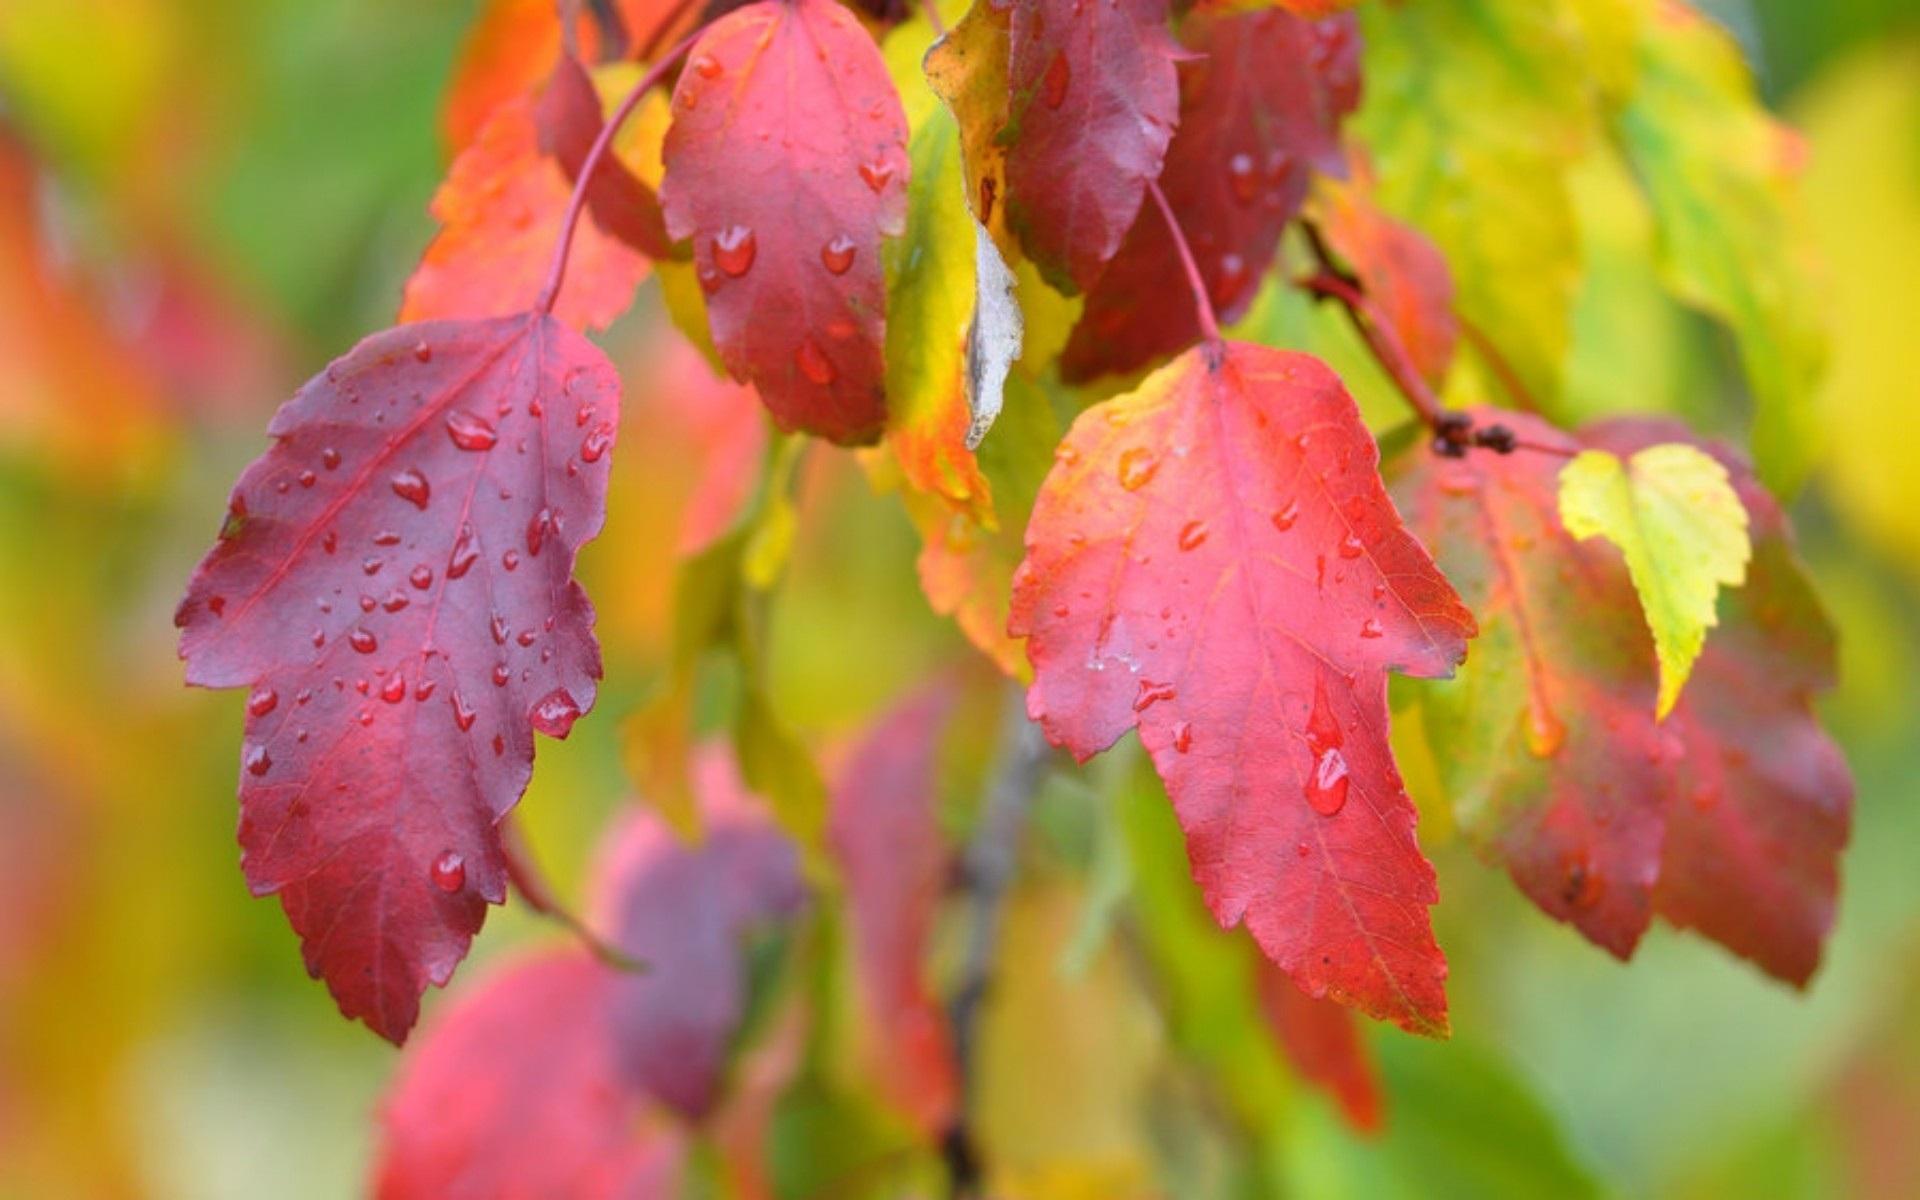 али обои на рабочий стол осень листья дождь скажем, для